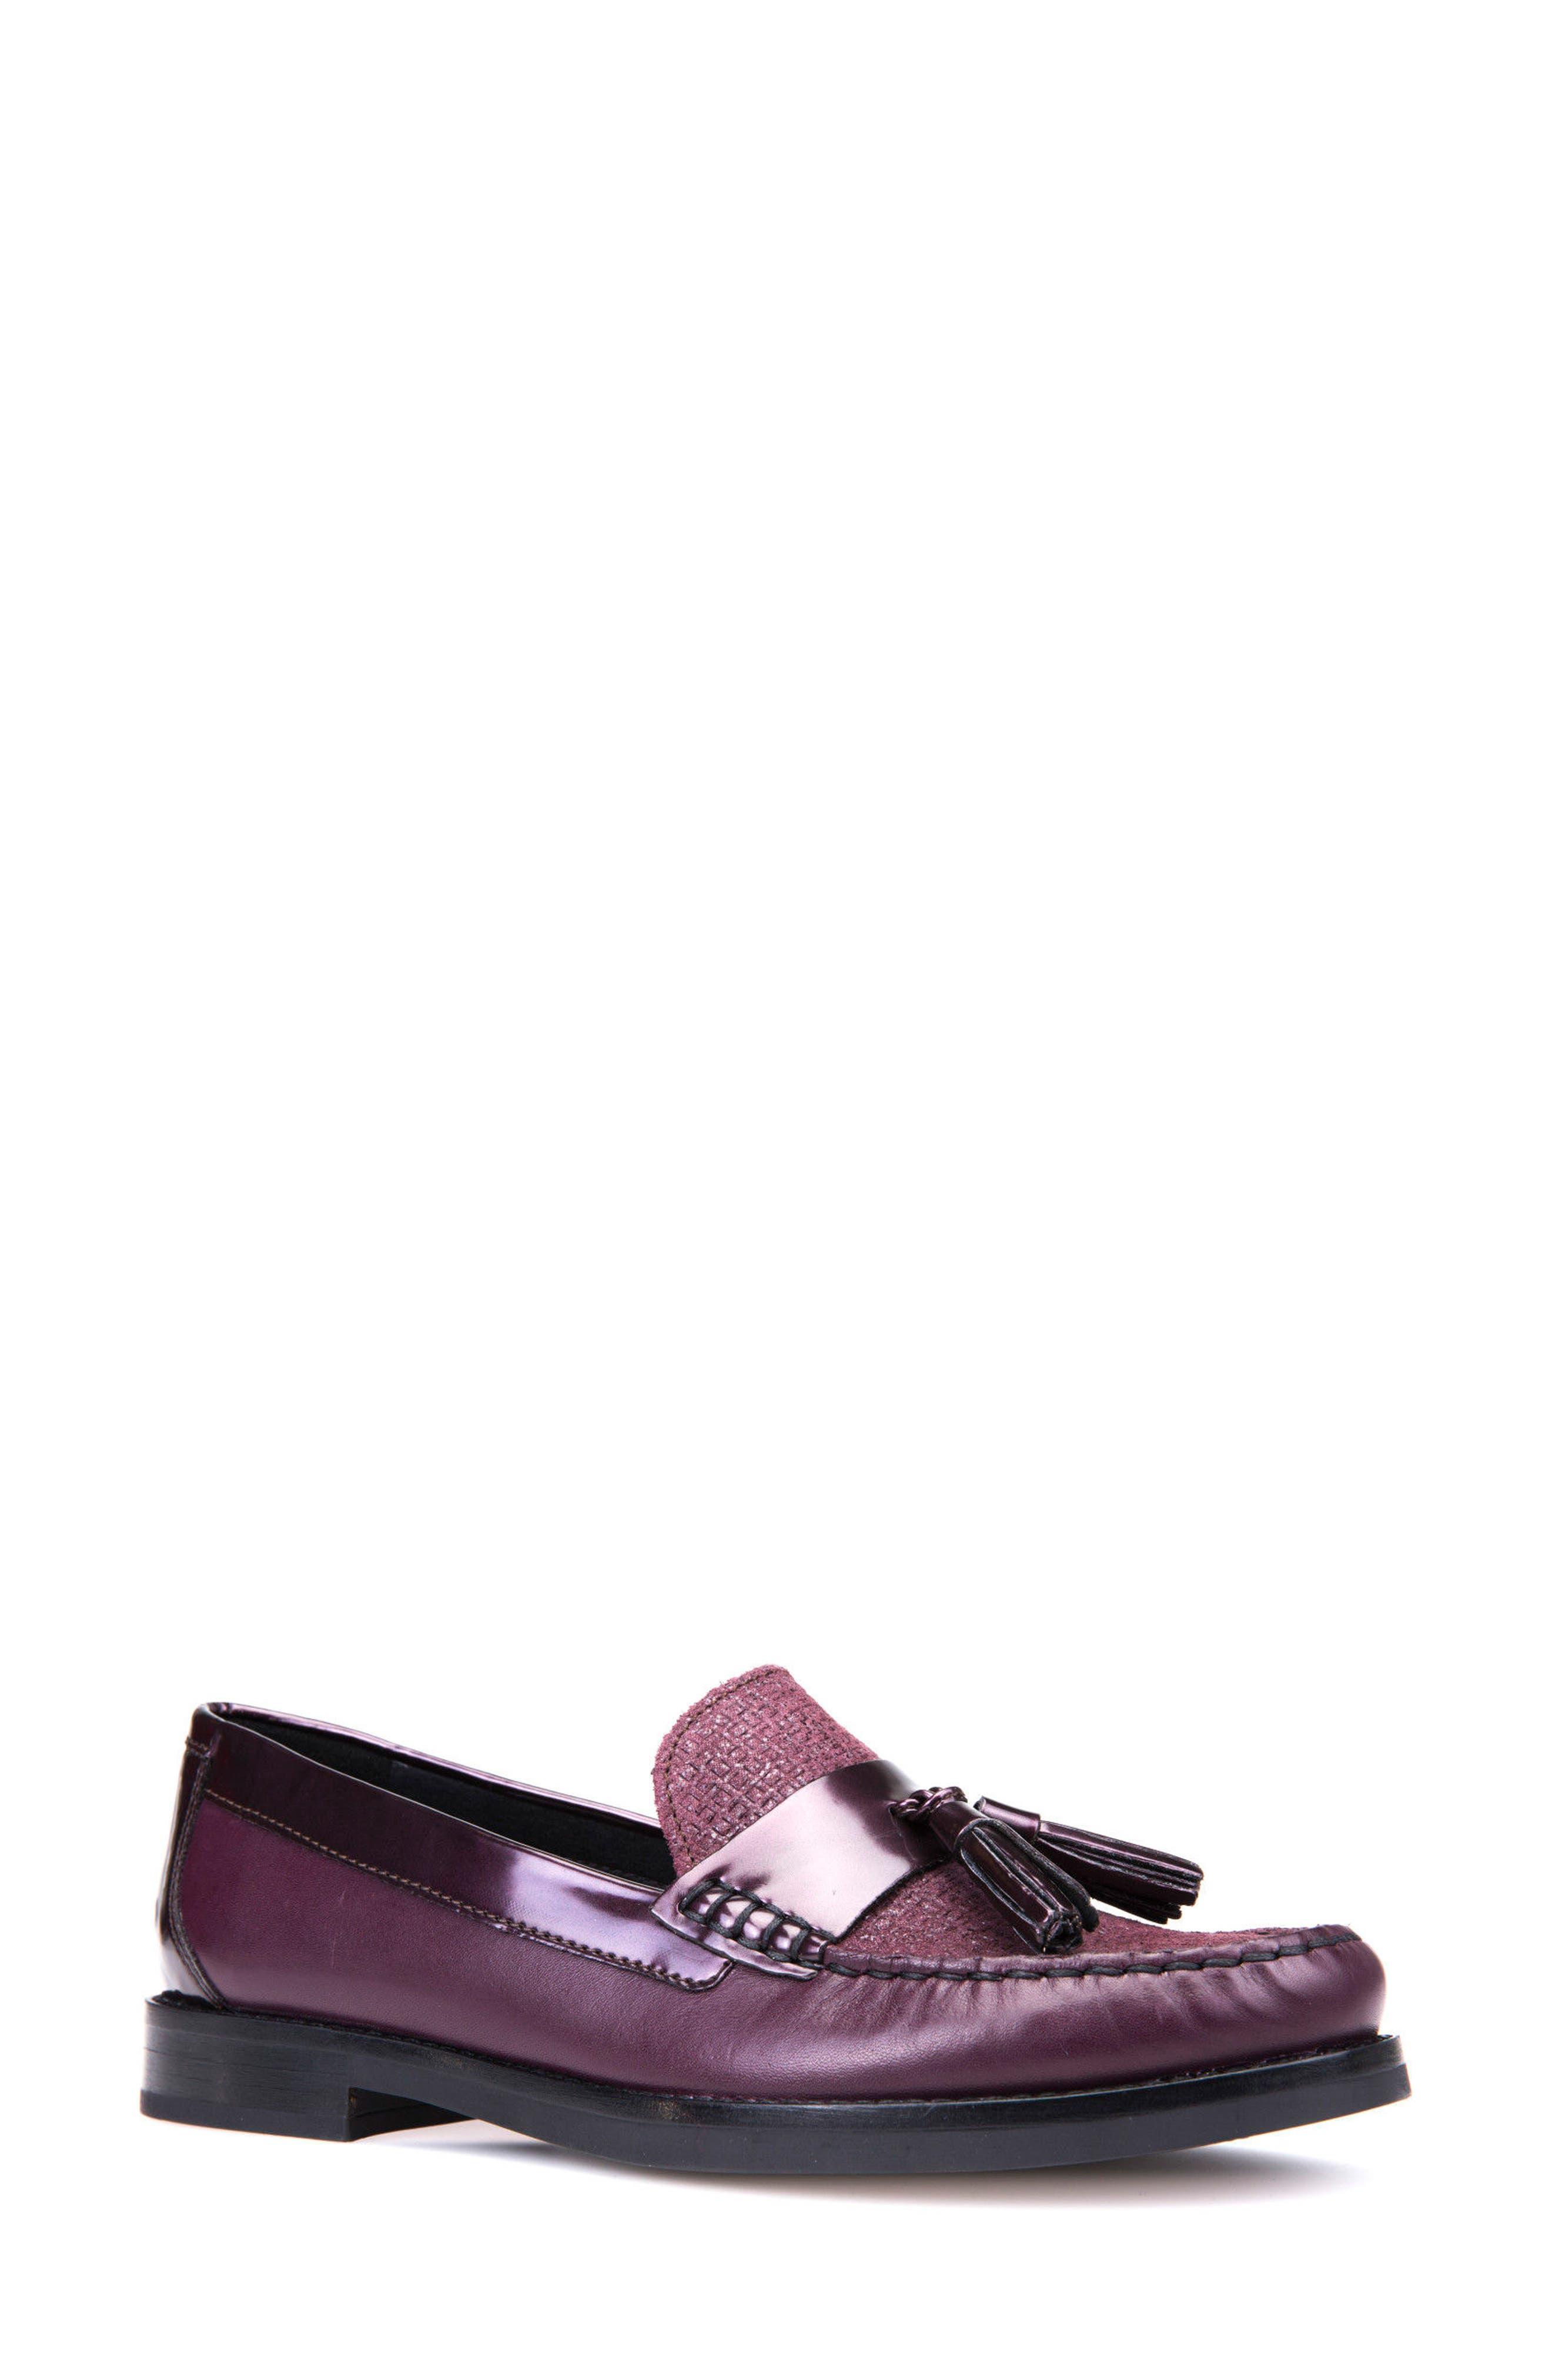 Promethea Loafer,                         Main,                         color, Prune Leather